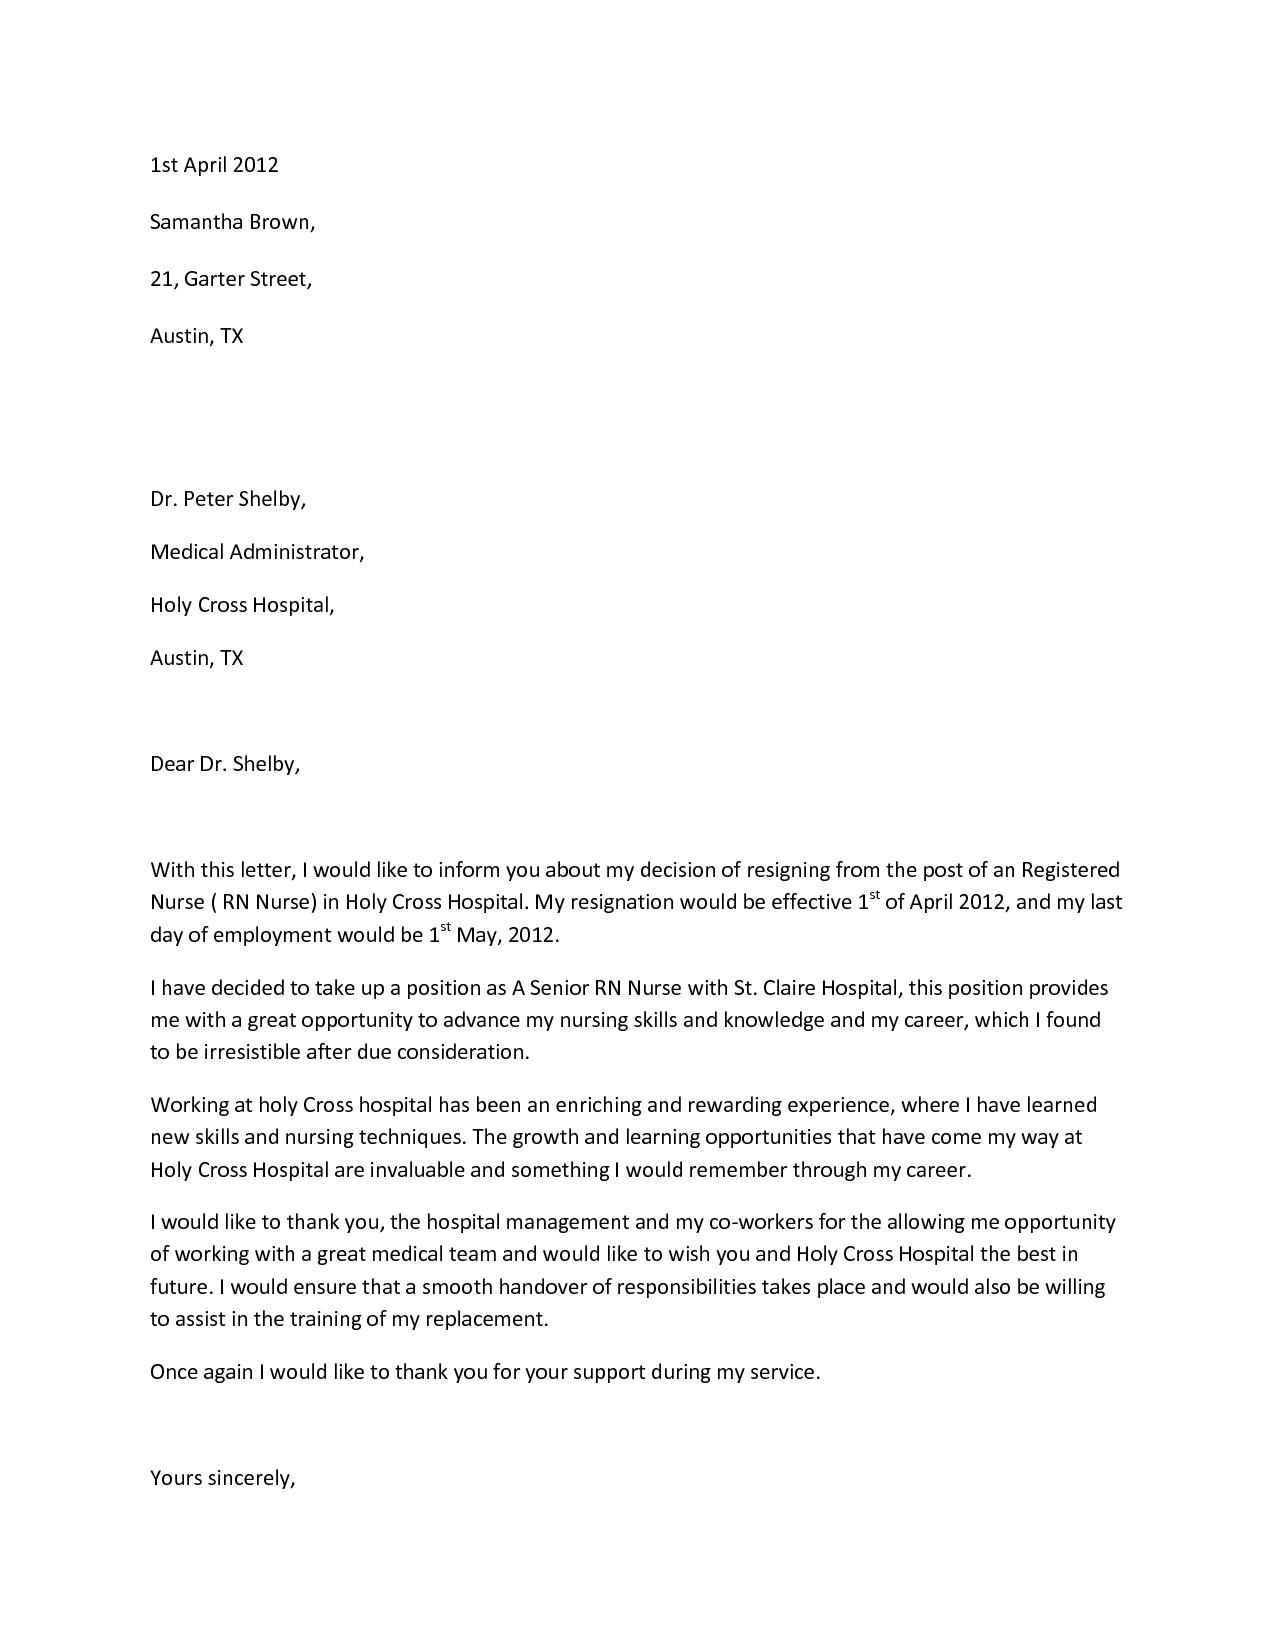 Resignation Letter for Nursing Sample Resignation Letterwriting A Letter Resignation